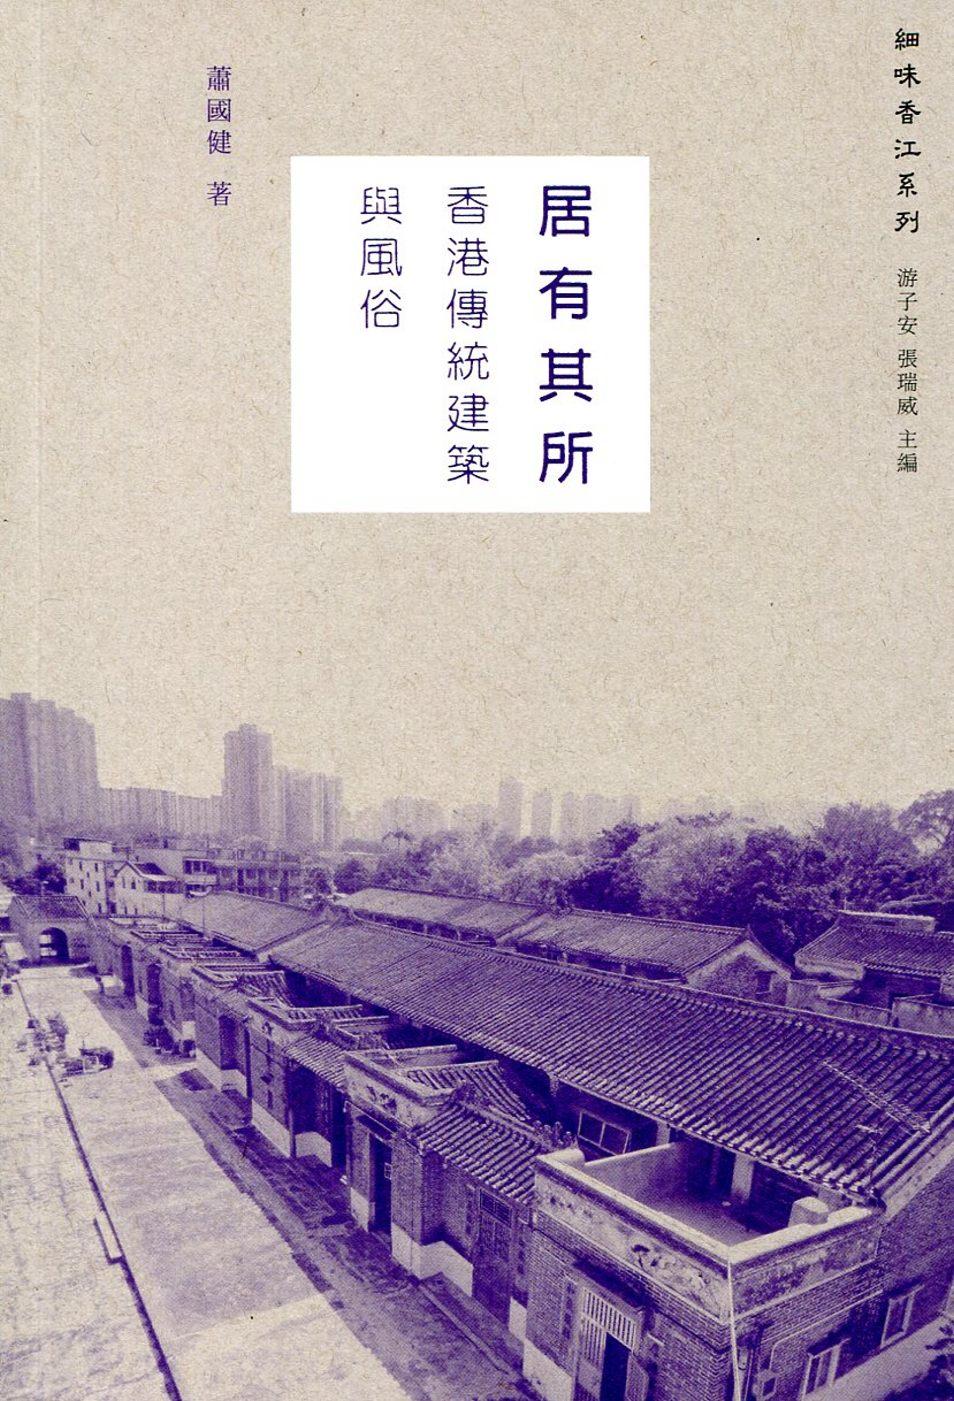 居有其所:香港傳統建築與風俗